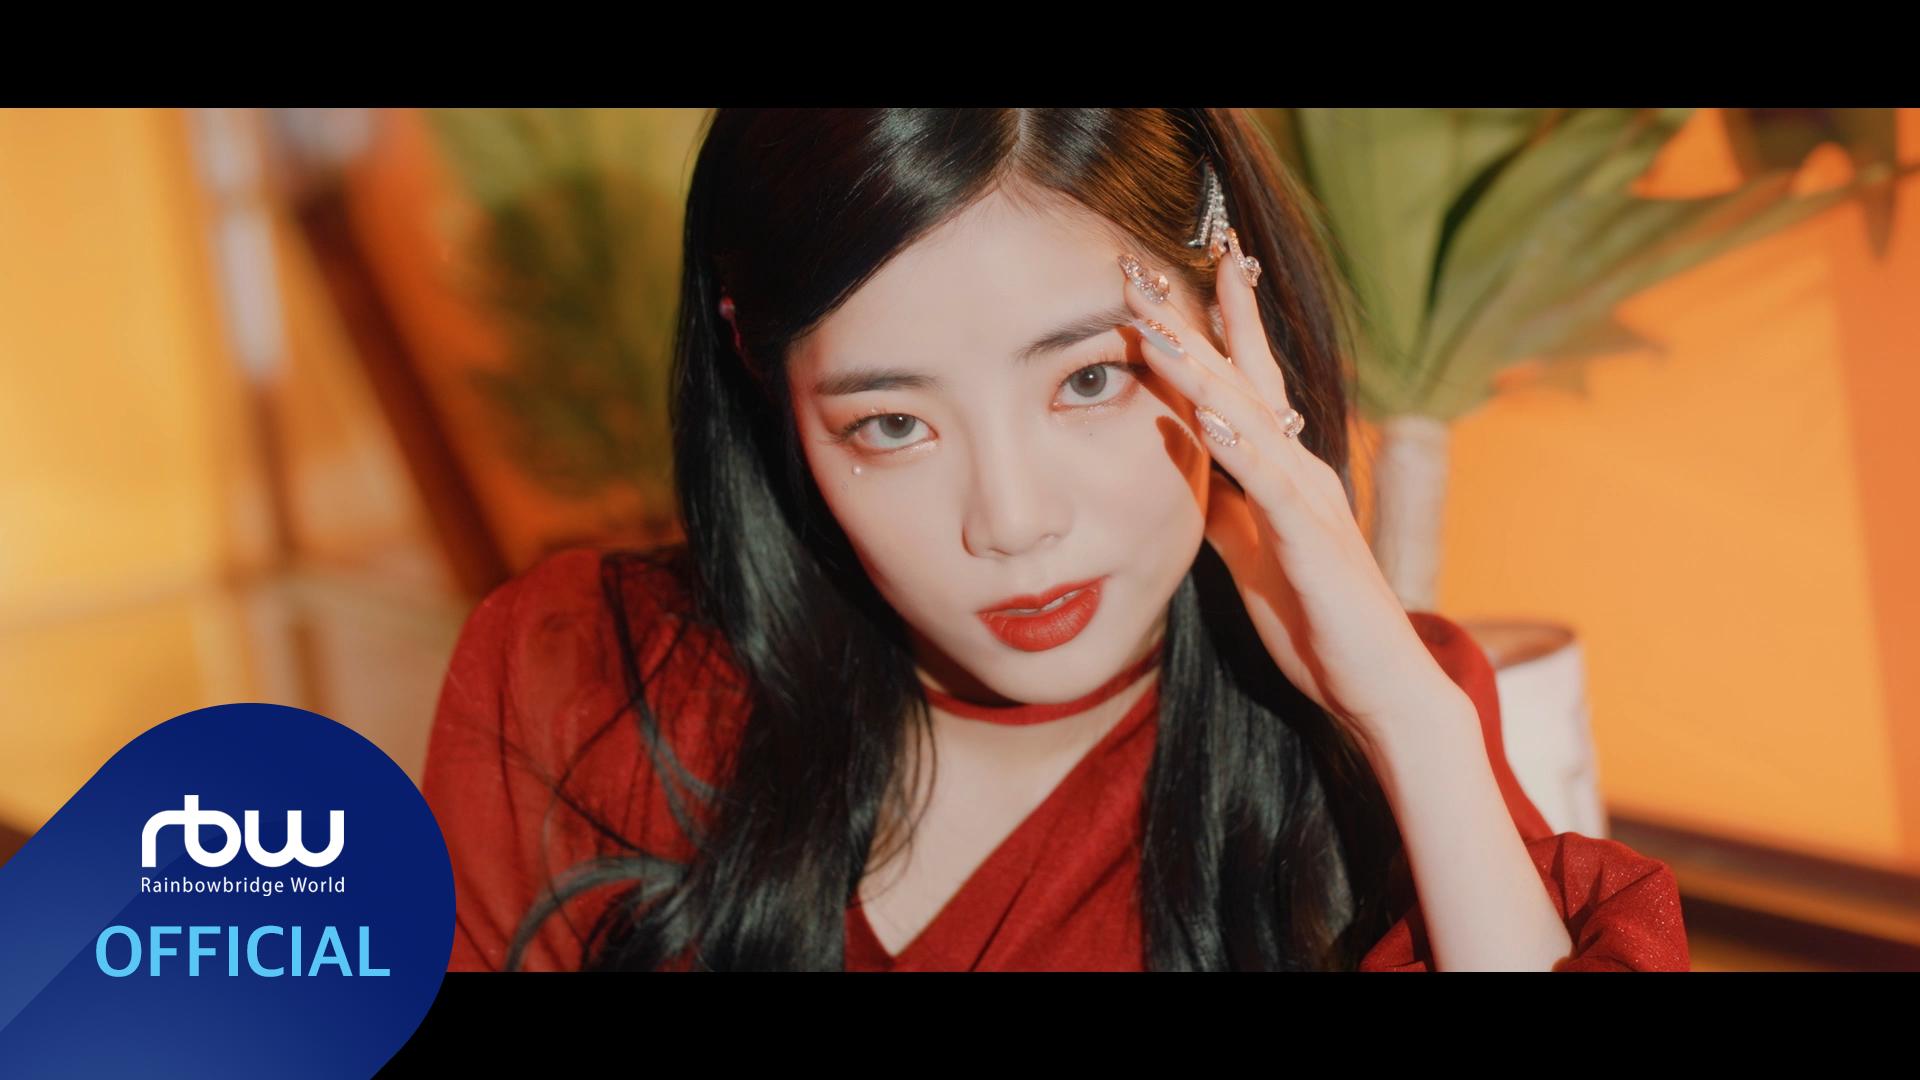 퍼플키스(PURPLE K!SS) Debut Trailer : New Iconic - 나고은(Na Go Eun)